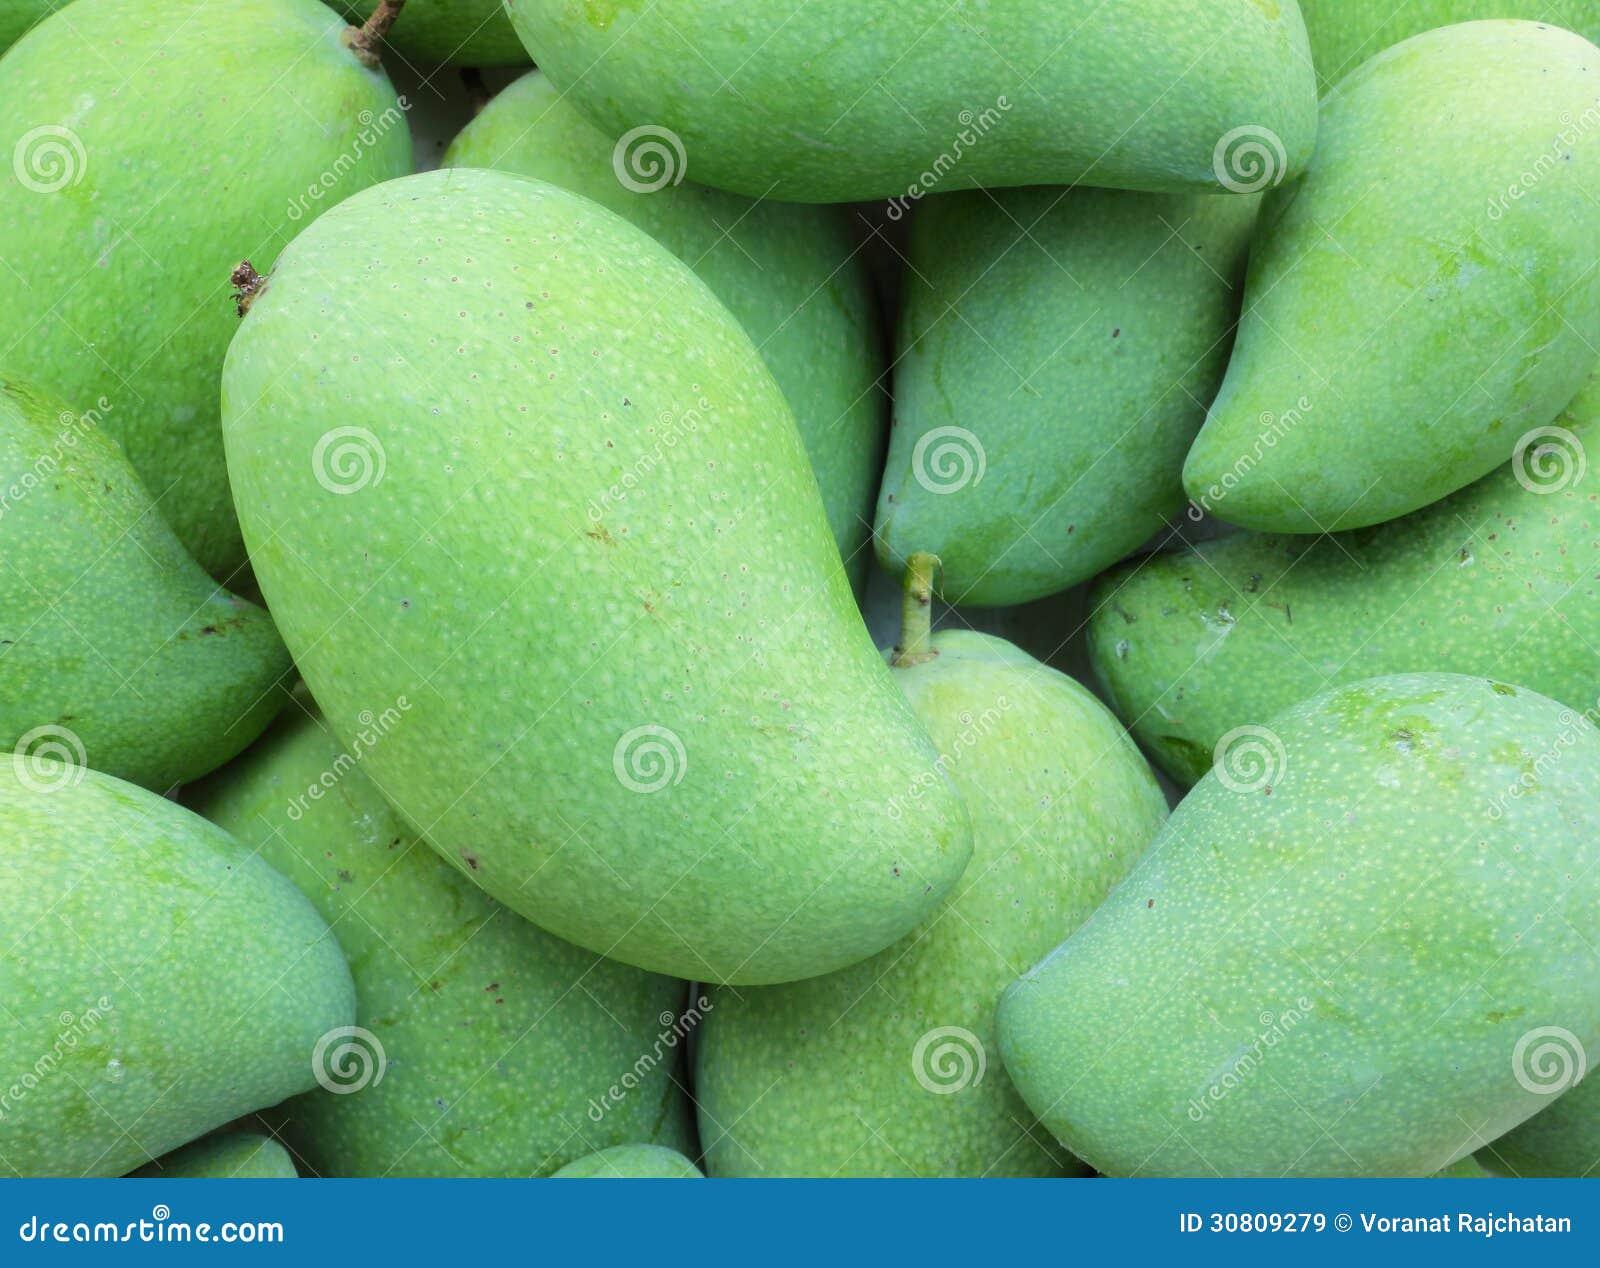 Green Mango Fruit Royalty Free Stock Images - Image: 30809279